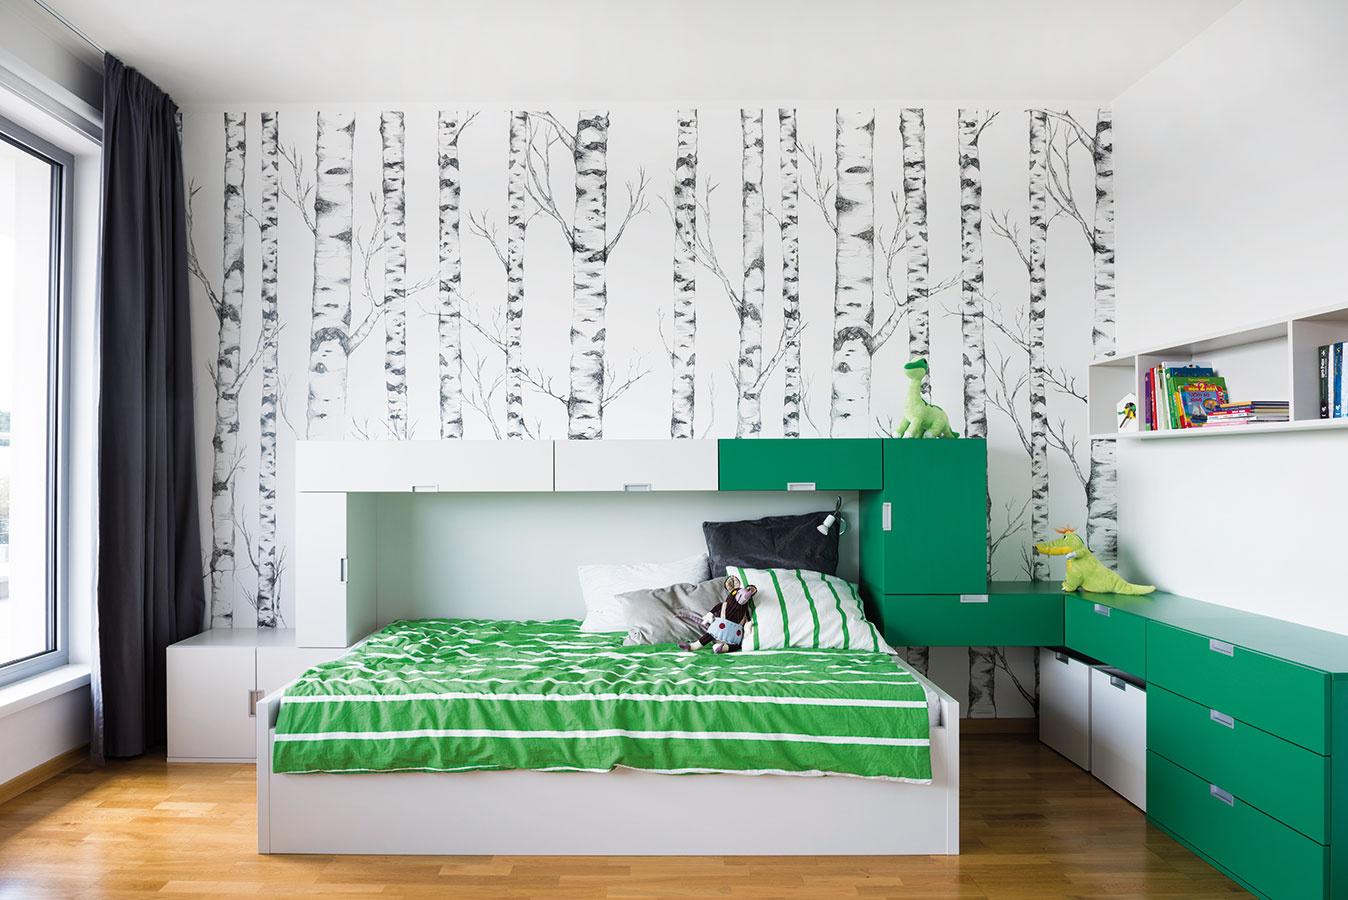 Postele voboch izbách majú štedrú šírku 140 cm, aby mohli deti vprípade, že chcú, spať aj spolu, prípadne srodičmi. Pôvodne sa uvažovalo oposteliach so šírkou 90 cm aoprístelke zabudovanej do postele.